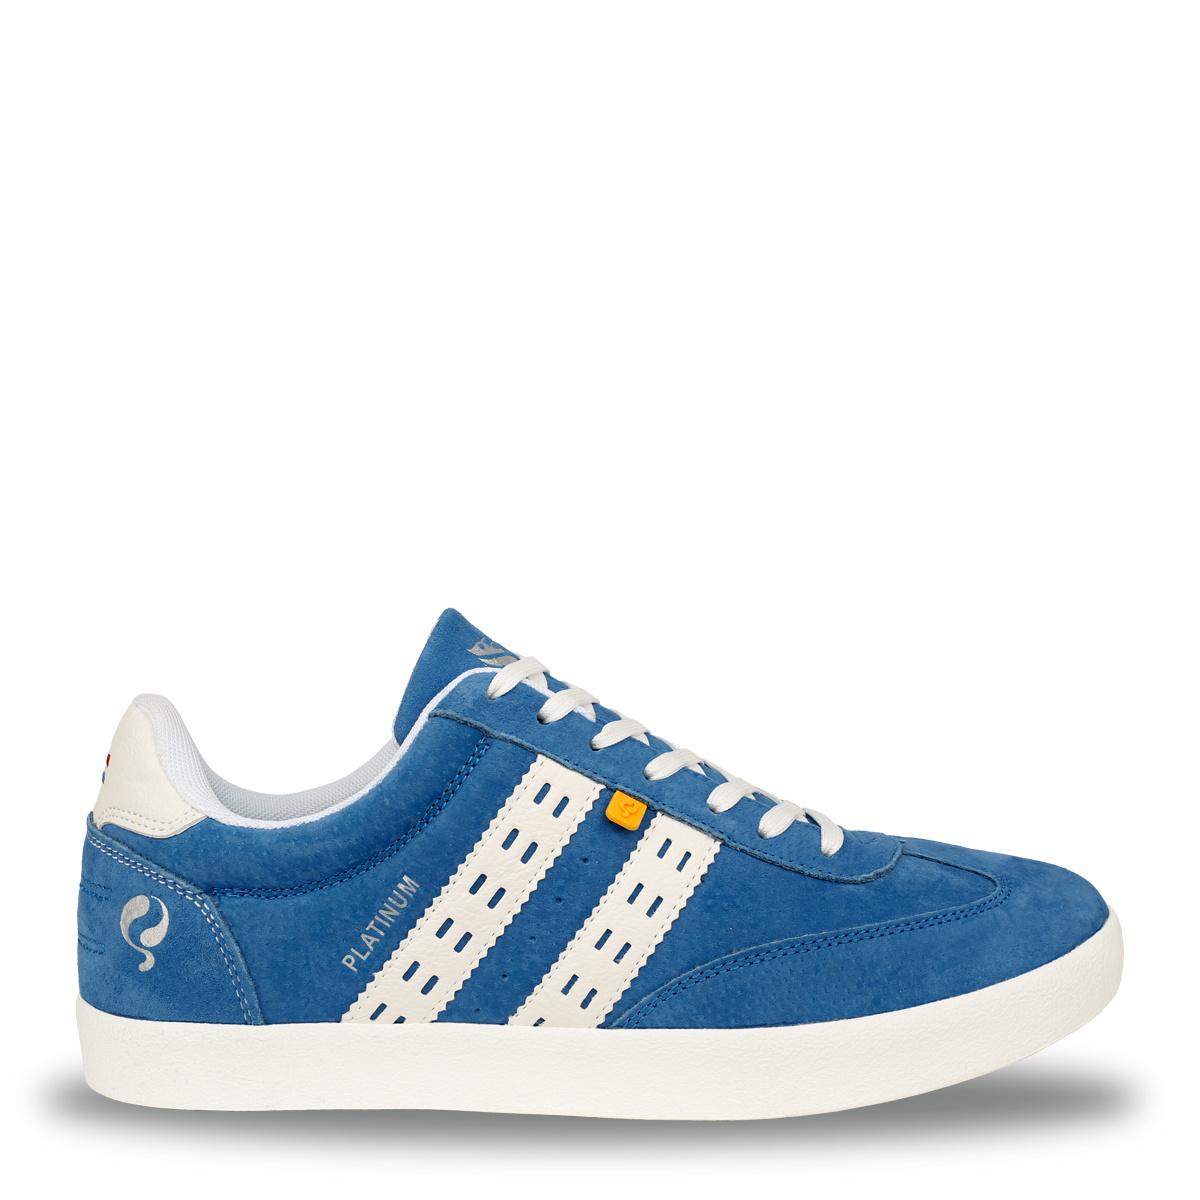 Heren Sneaker Platinum - Koningsblauw/Wit